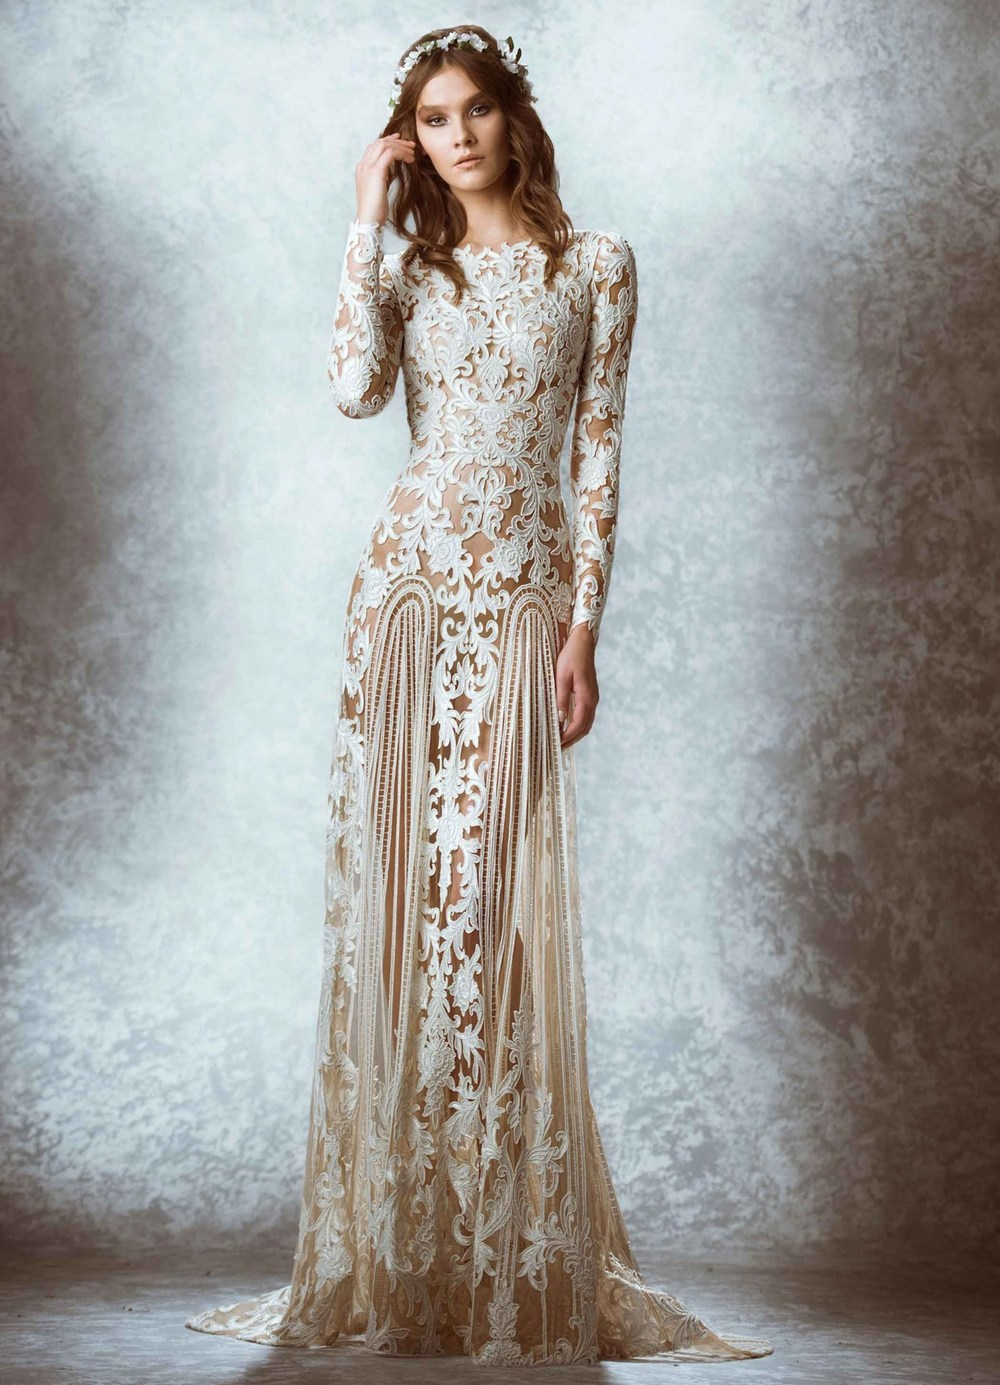 Sofia-Vergara-Wear-Zuhair-Murad-Her-Wedding (4).jpg